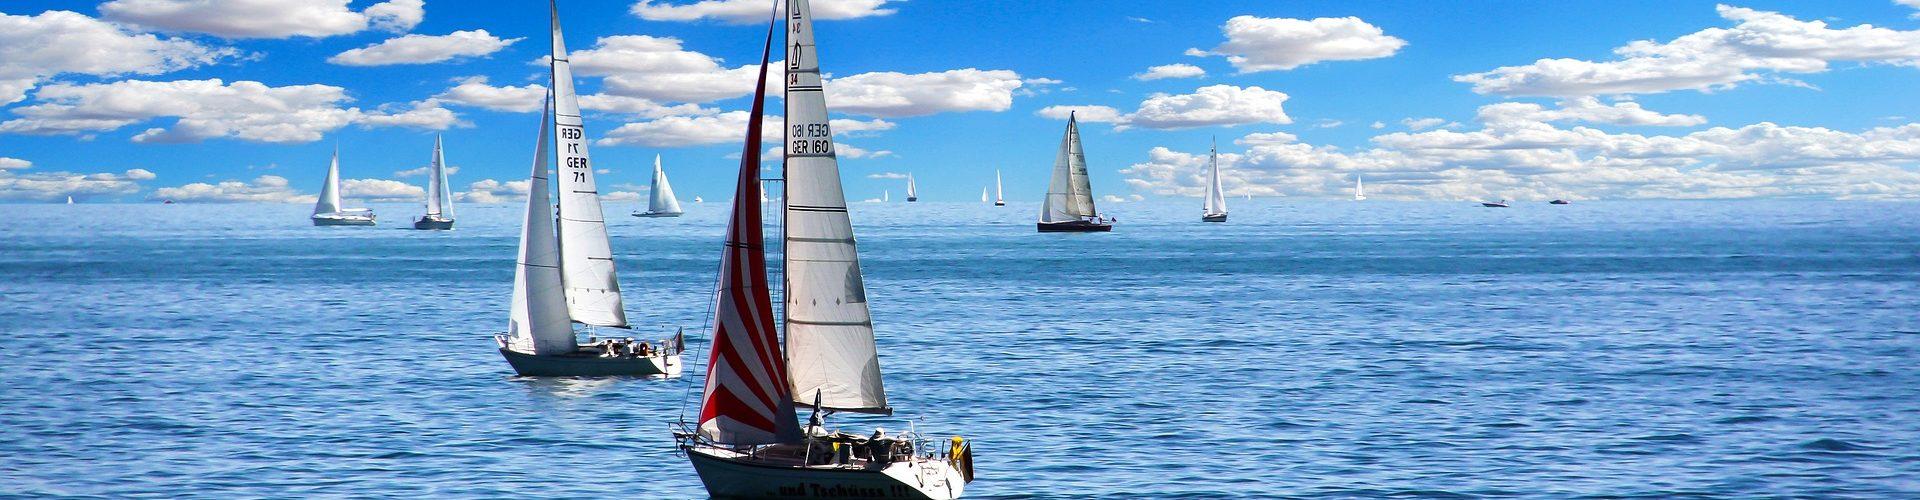 segeln lernen in Rösrath segelschein machen in Rösrath 1920x500 - Segeln lernen in Rösrath